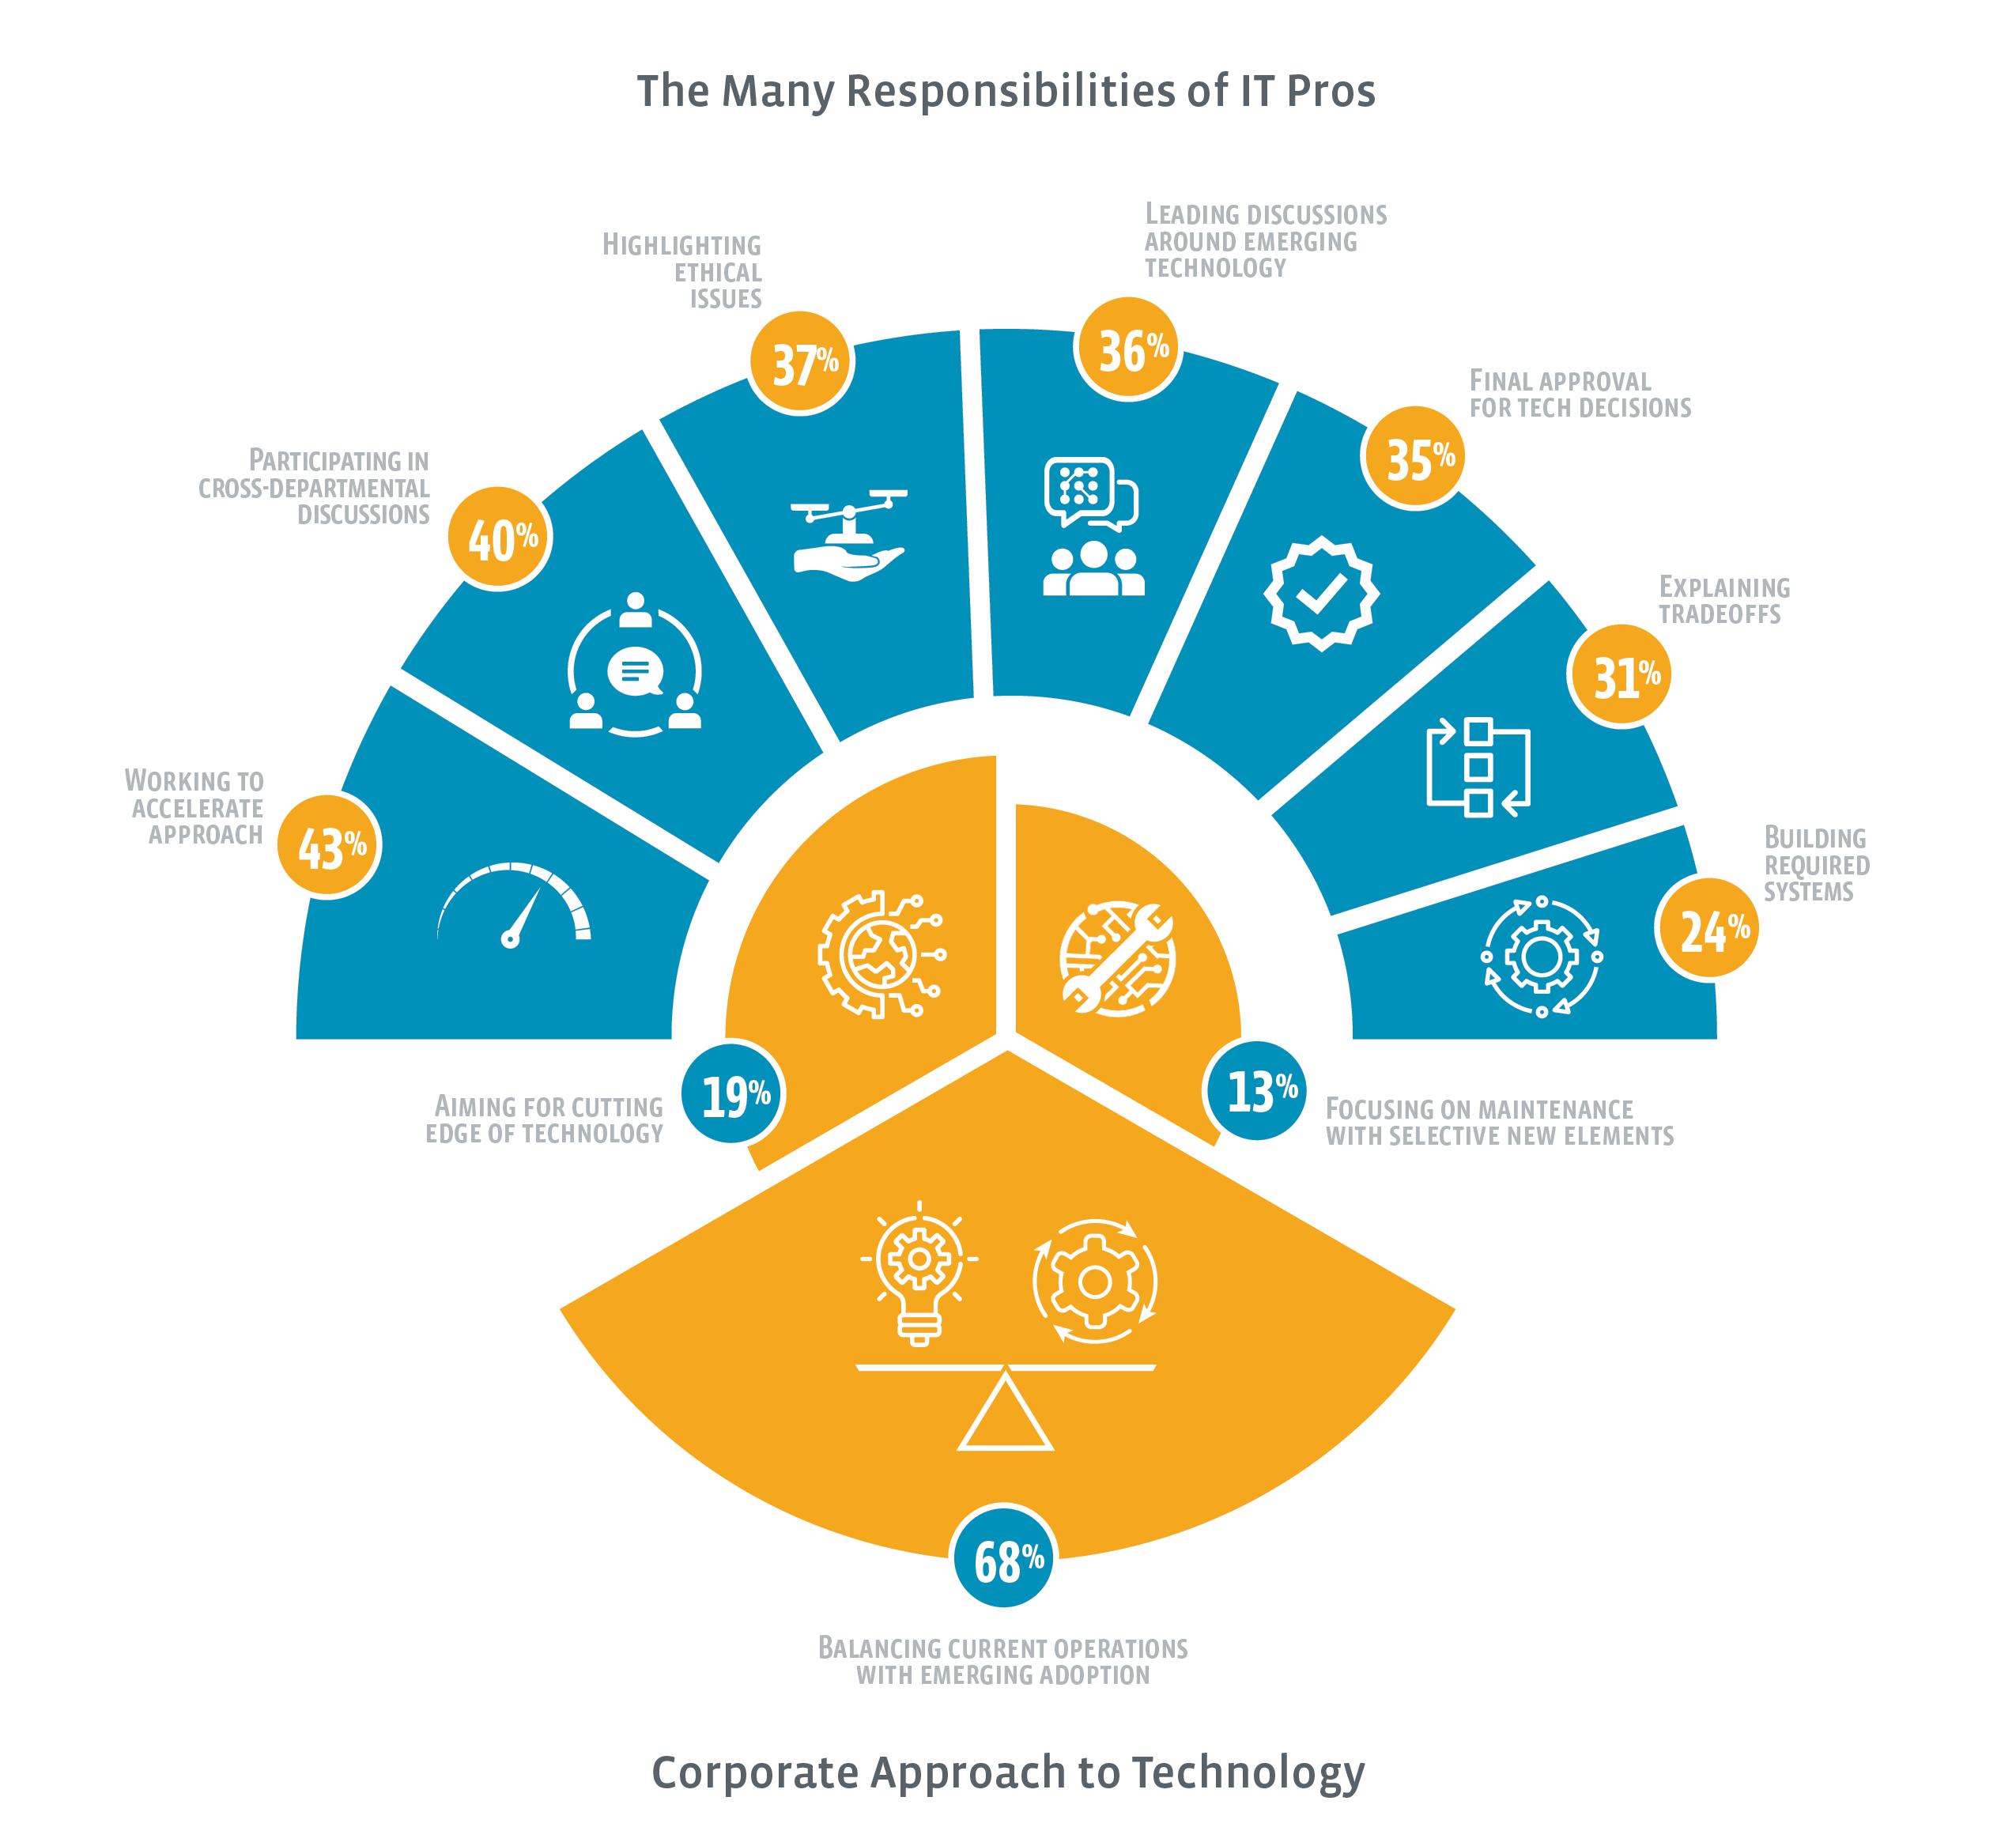 Responsibilities of IT Pros